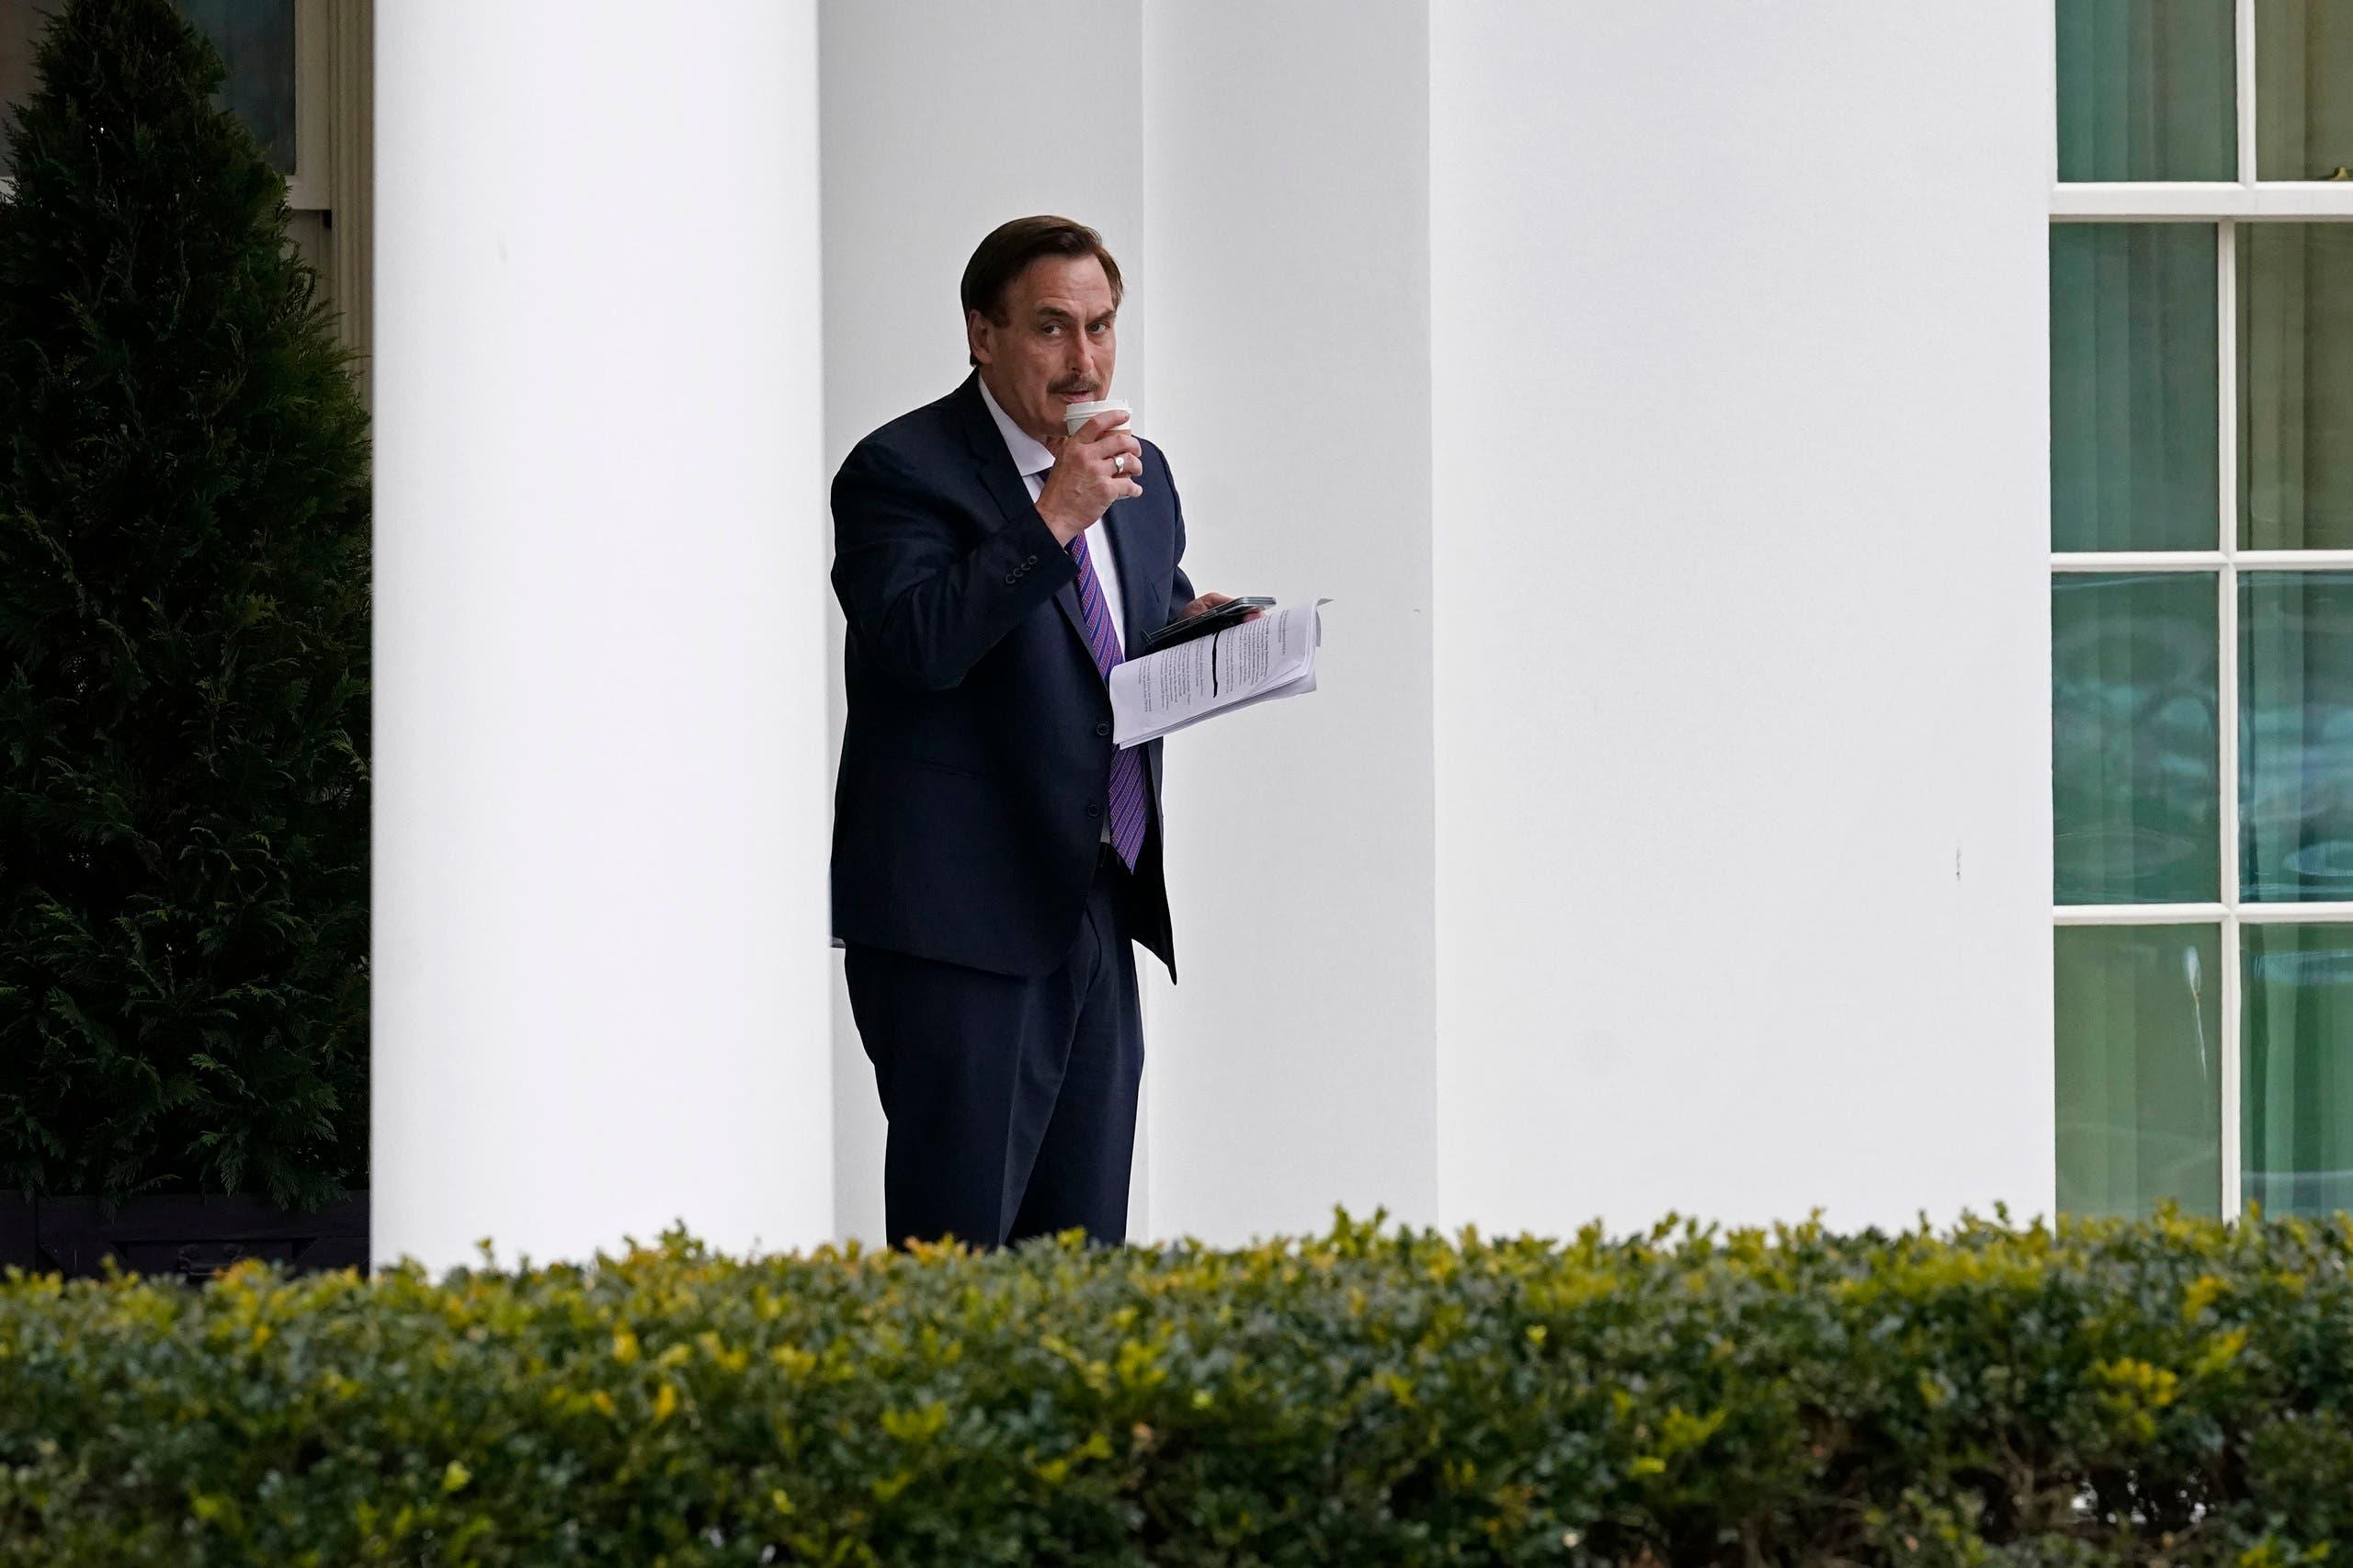 ليندل ينتظر في البيت الأبيض وفي يده ورقة ملاحظات